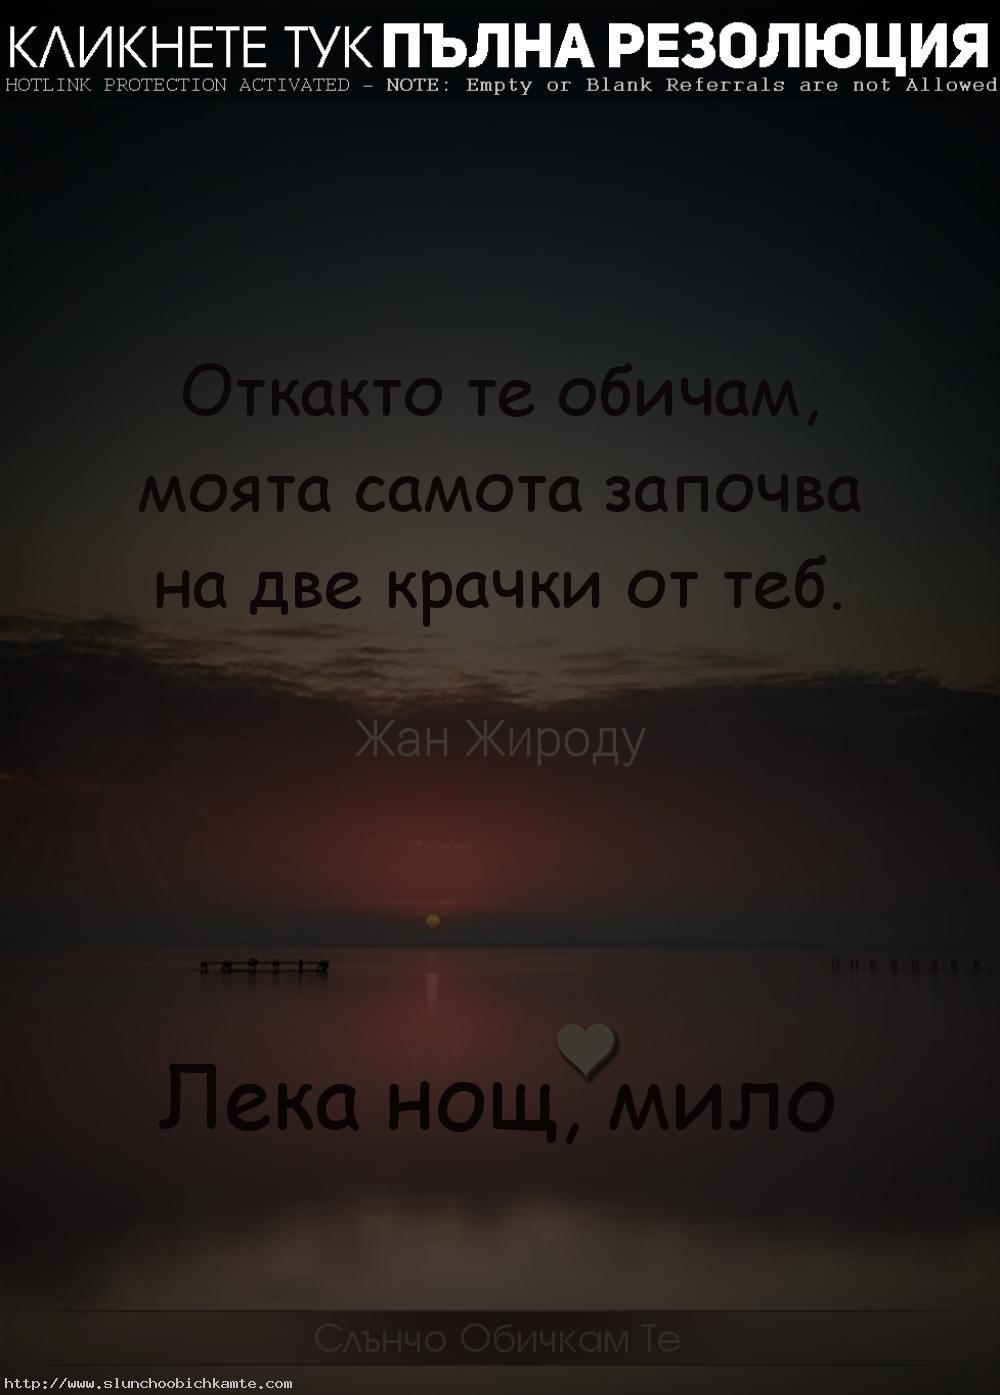 Лека нощ мило - Лека нощ с цитат на Жан Жироду. - Откакто те обичам, моята самота започва на две крачки от теб - Обичам те, картички за лека нощ, сладки пожелания за лека нощ